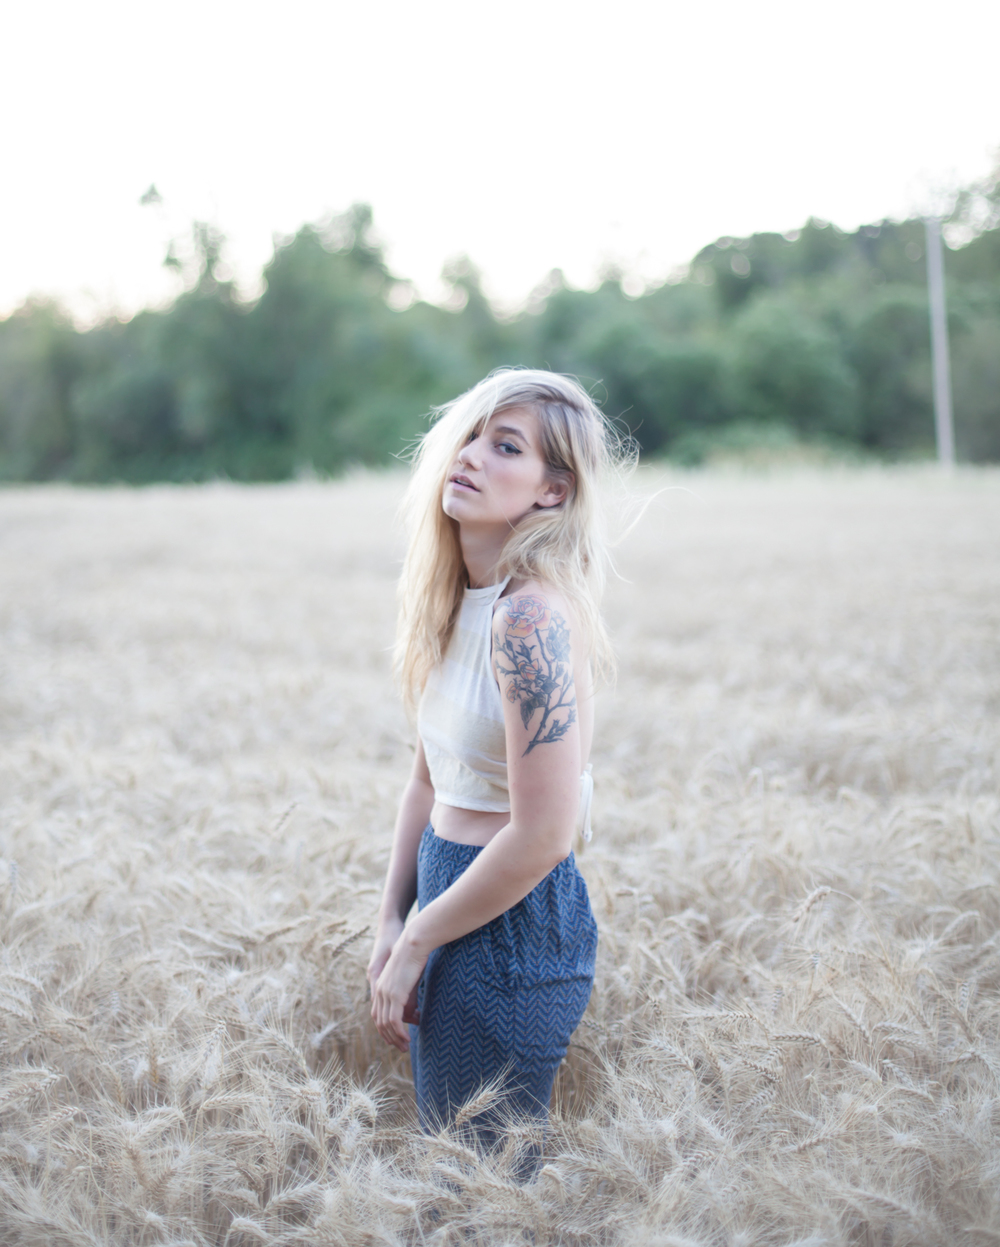 olivia_ashton_photography_ally29